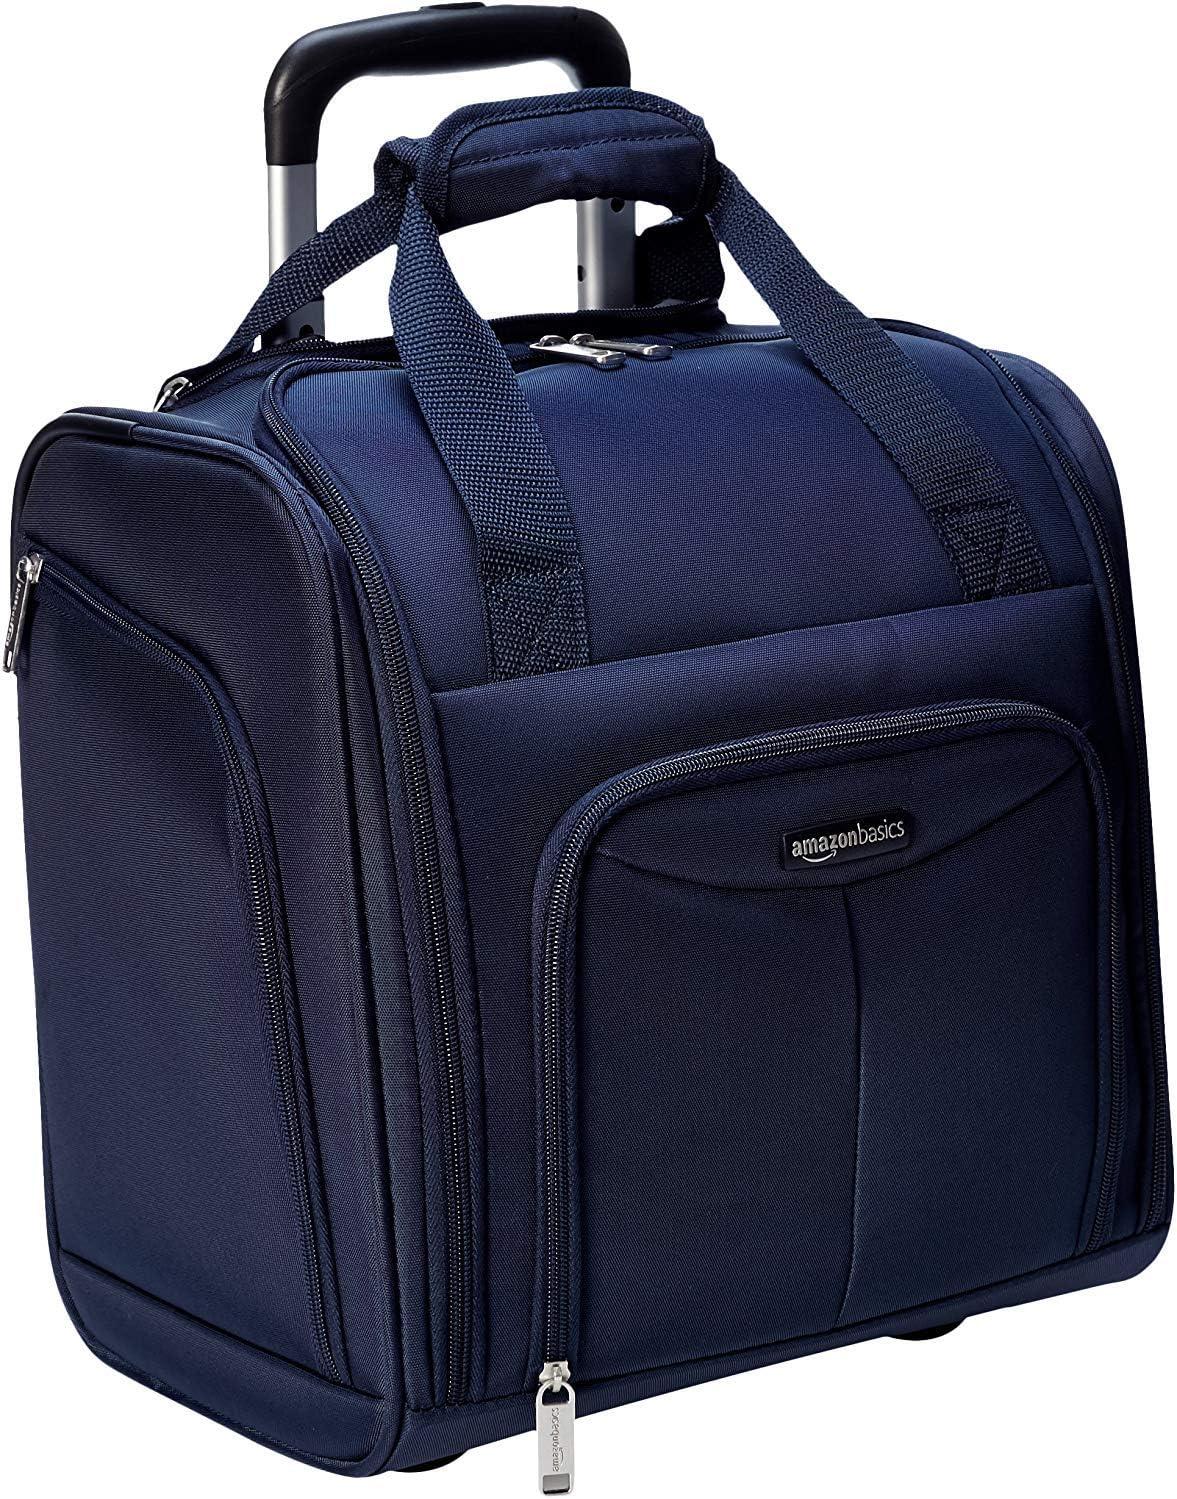 AmazonBasics - Equipaje para llevar bajo el asiento, Azul marino